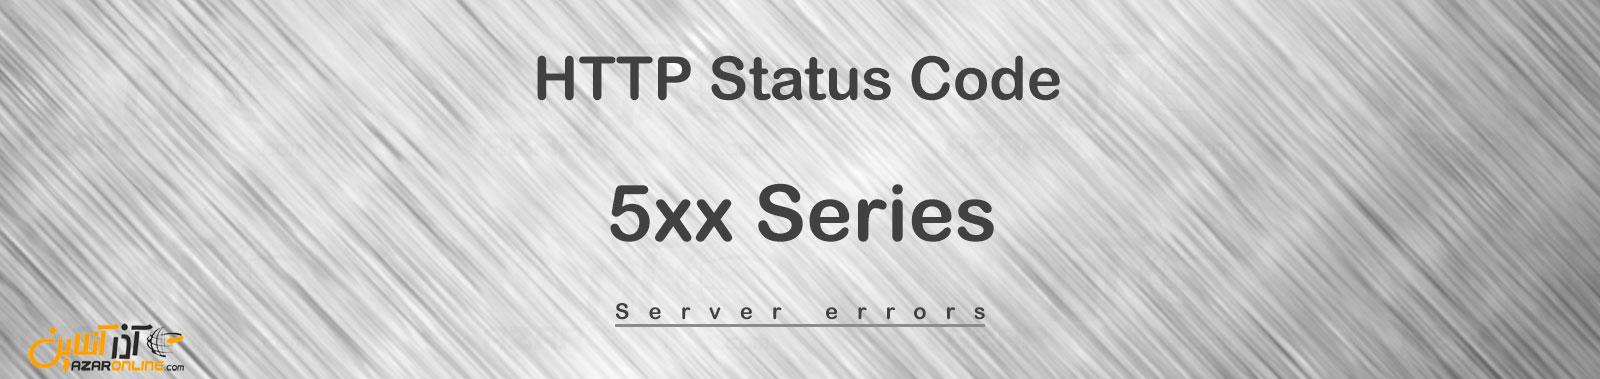 لیست کدهای وضعیت HTTP - سری 5xx